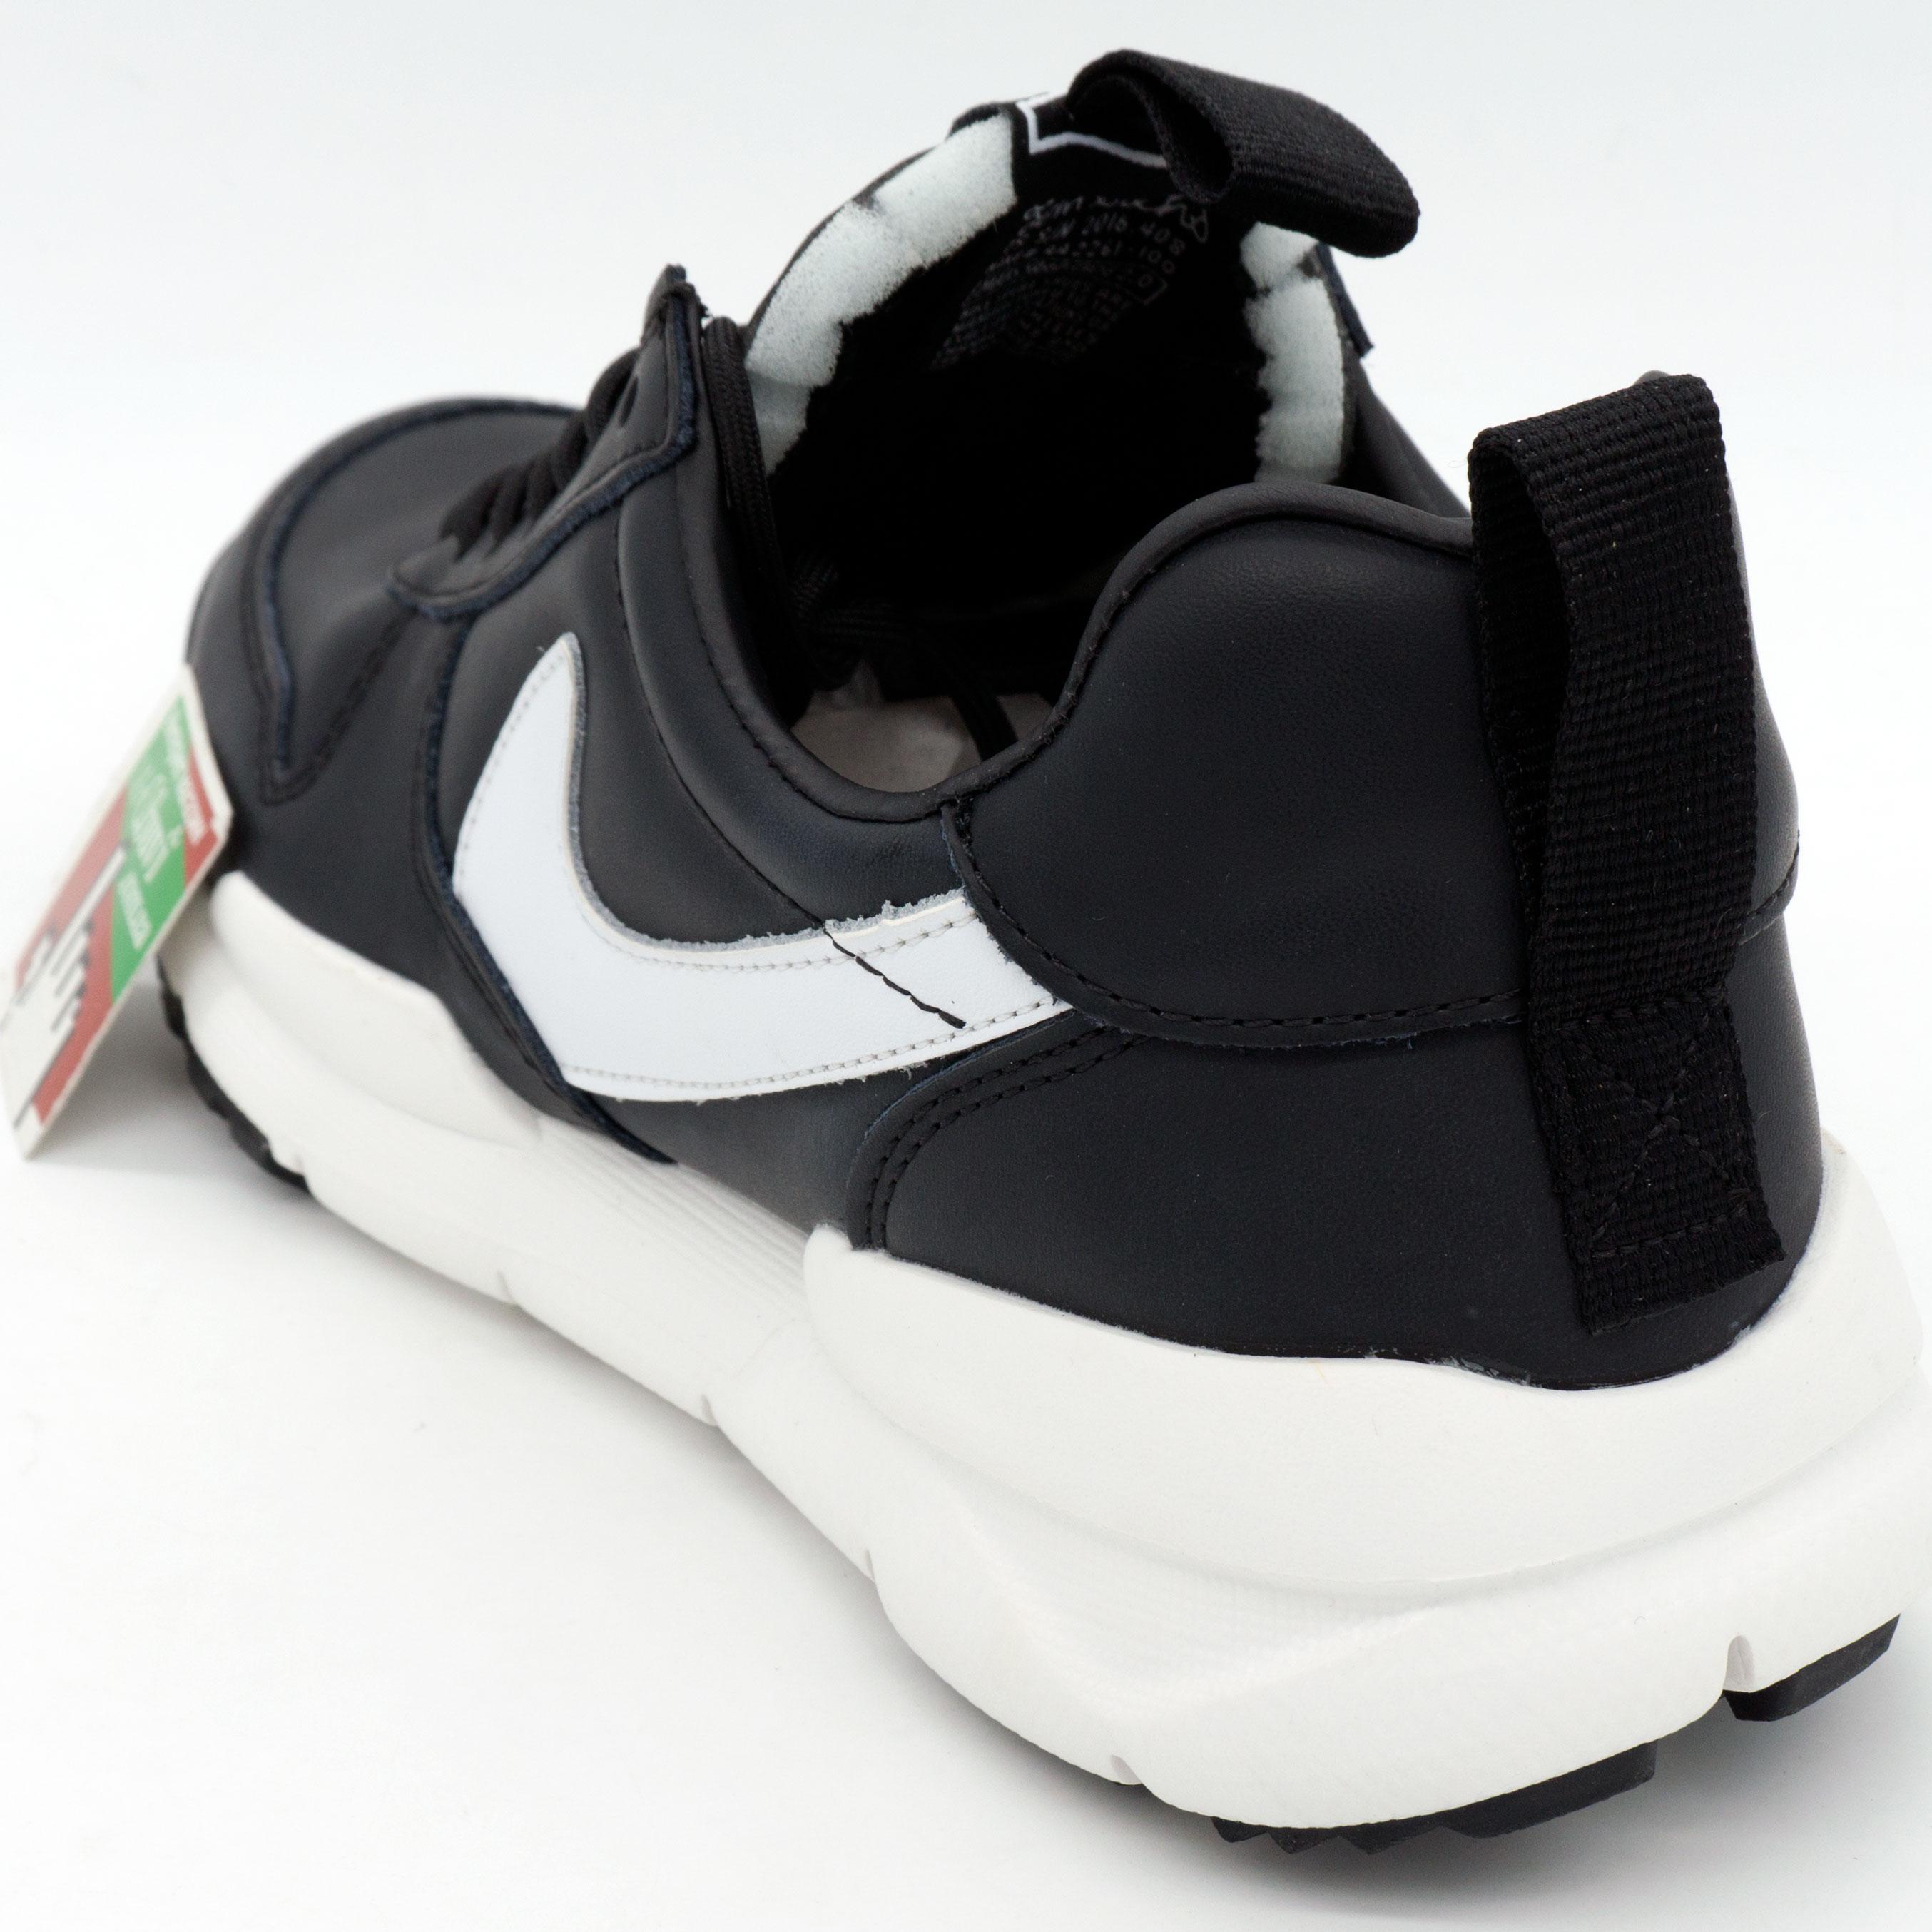 фото back Мужские  кожаные черные кроссовки Nike Mars Yard 2.0. Топ качество! back